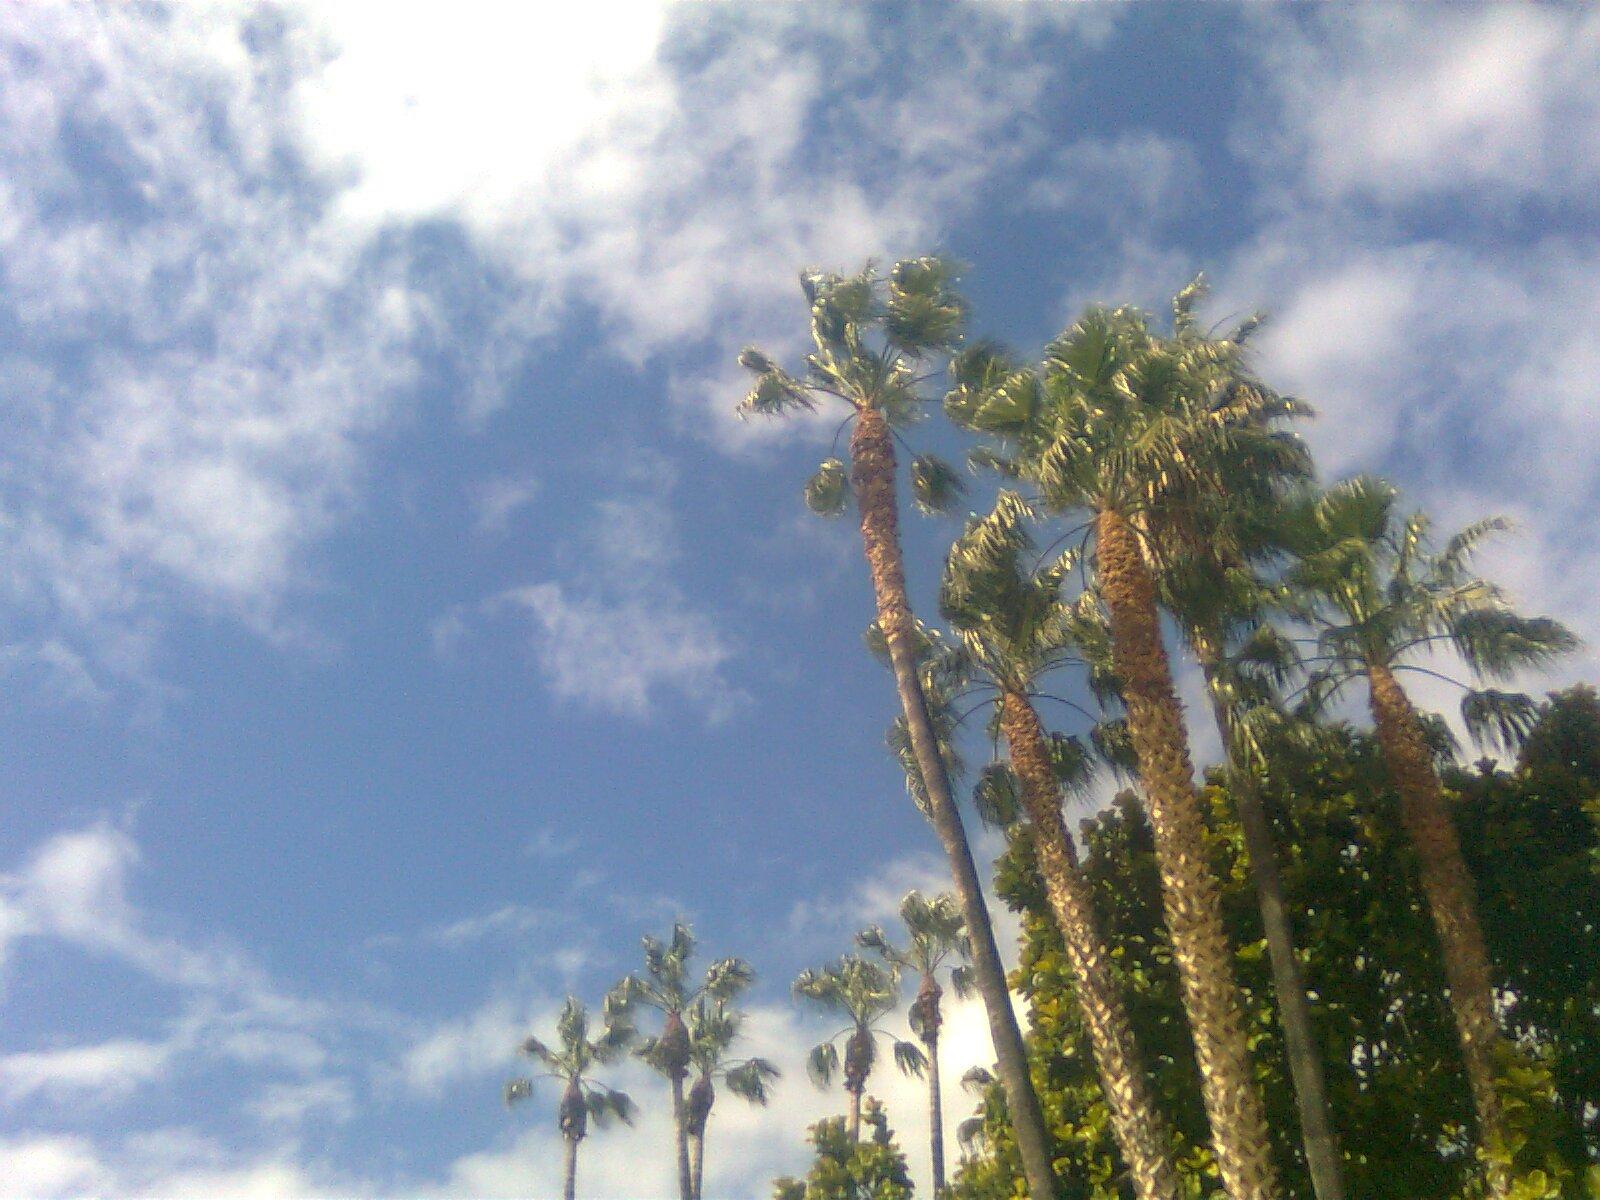 Malaga: Palme al vento nel cielo di Malaga